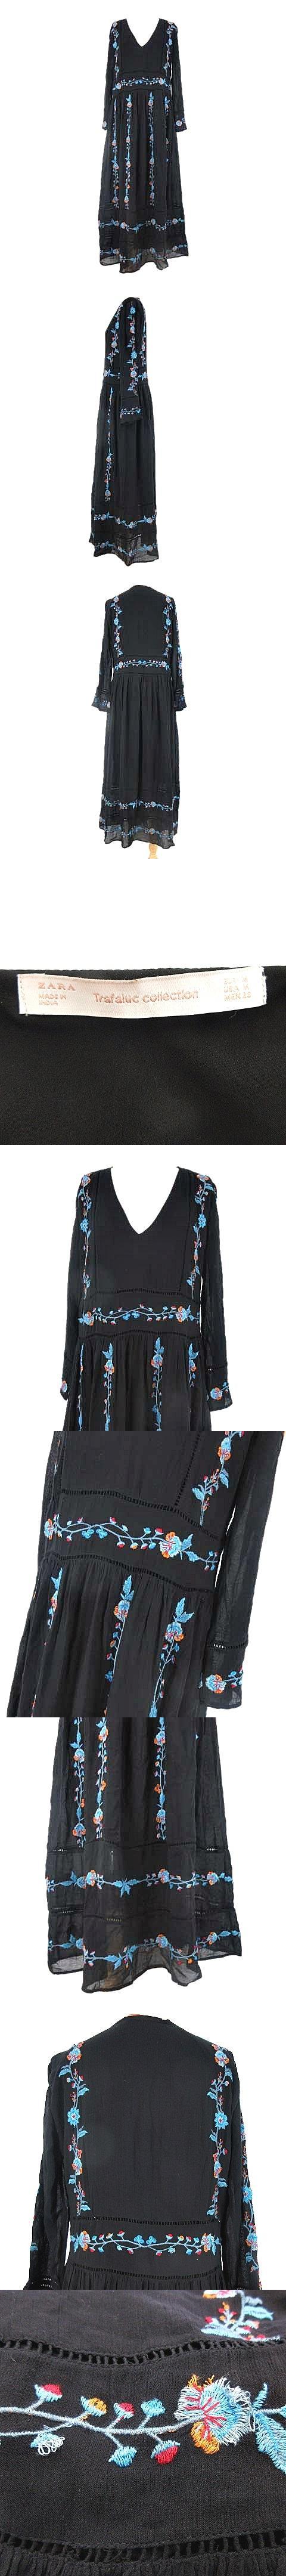 ワンピース ボヘミアン ロング マキシ 刺繍 長袖 ブラック 黒 M S-190620